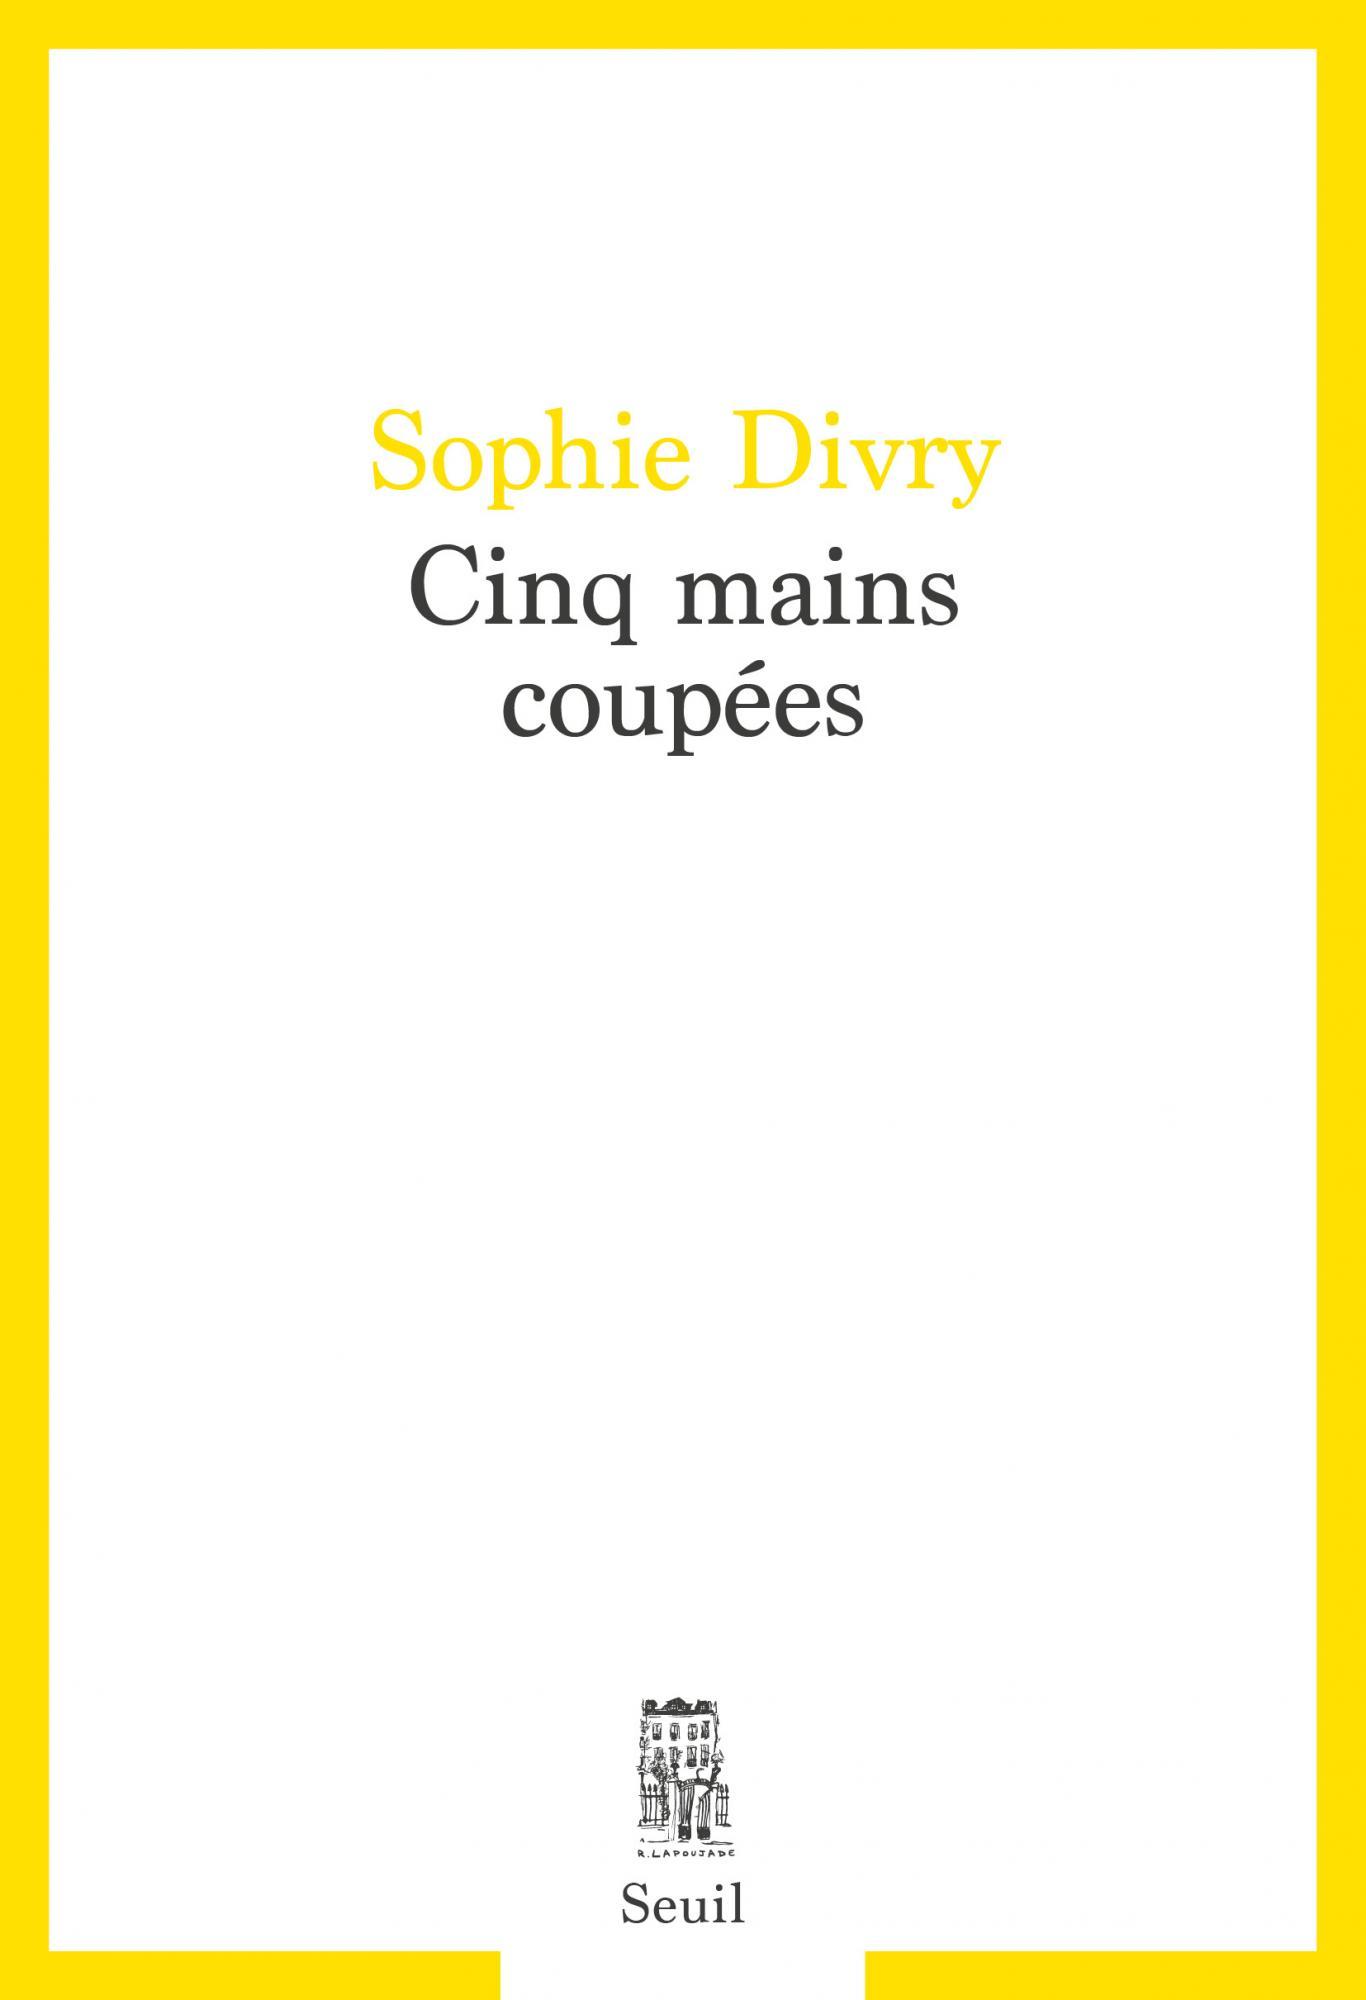 S. Divry, Cinq mains coupées